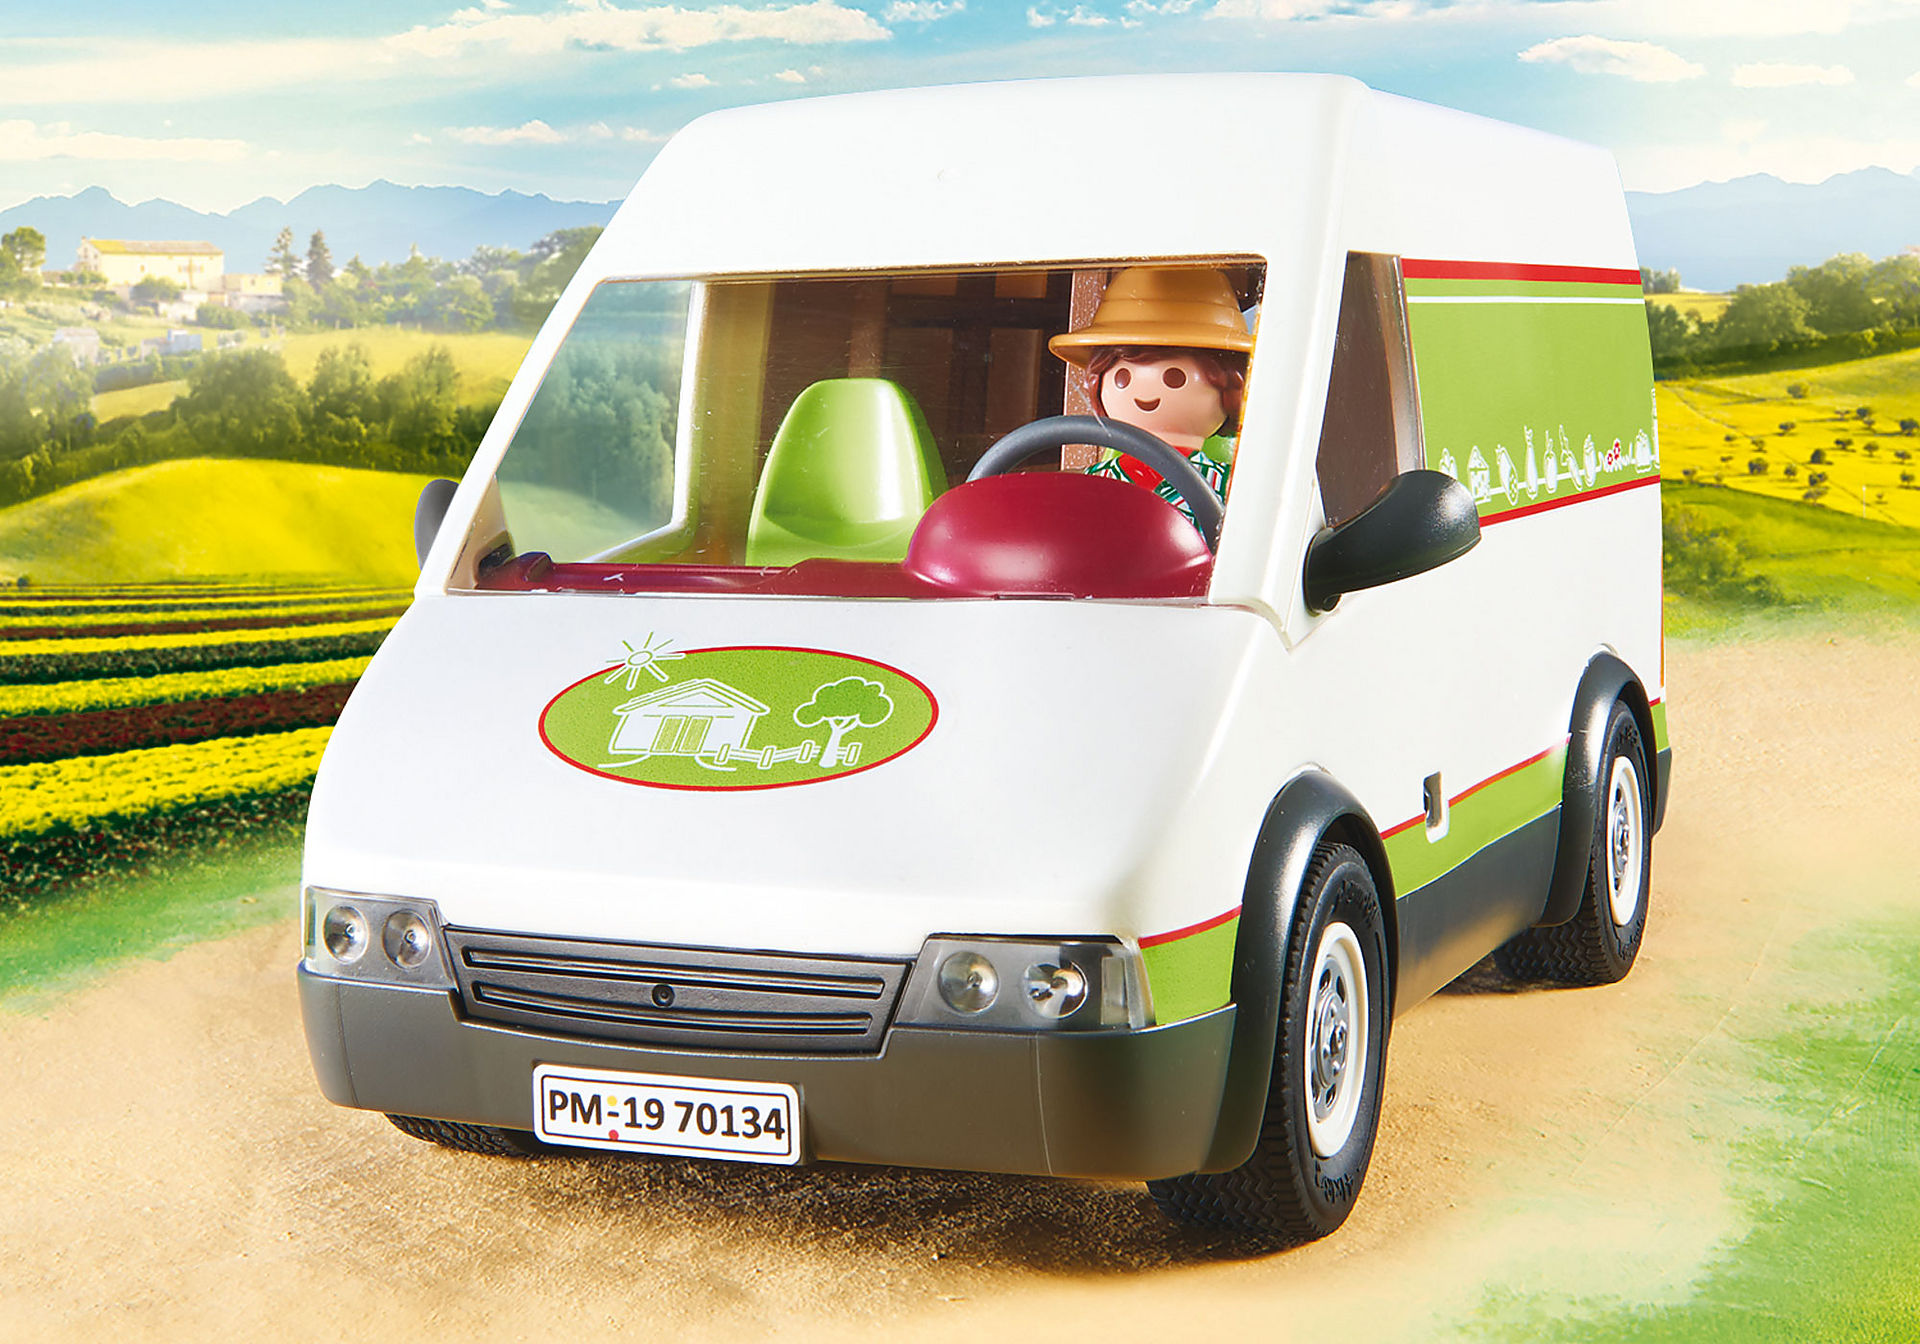 70134 Samochód do sprzedaży owoców i warzyw zoom image7